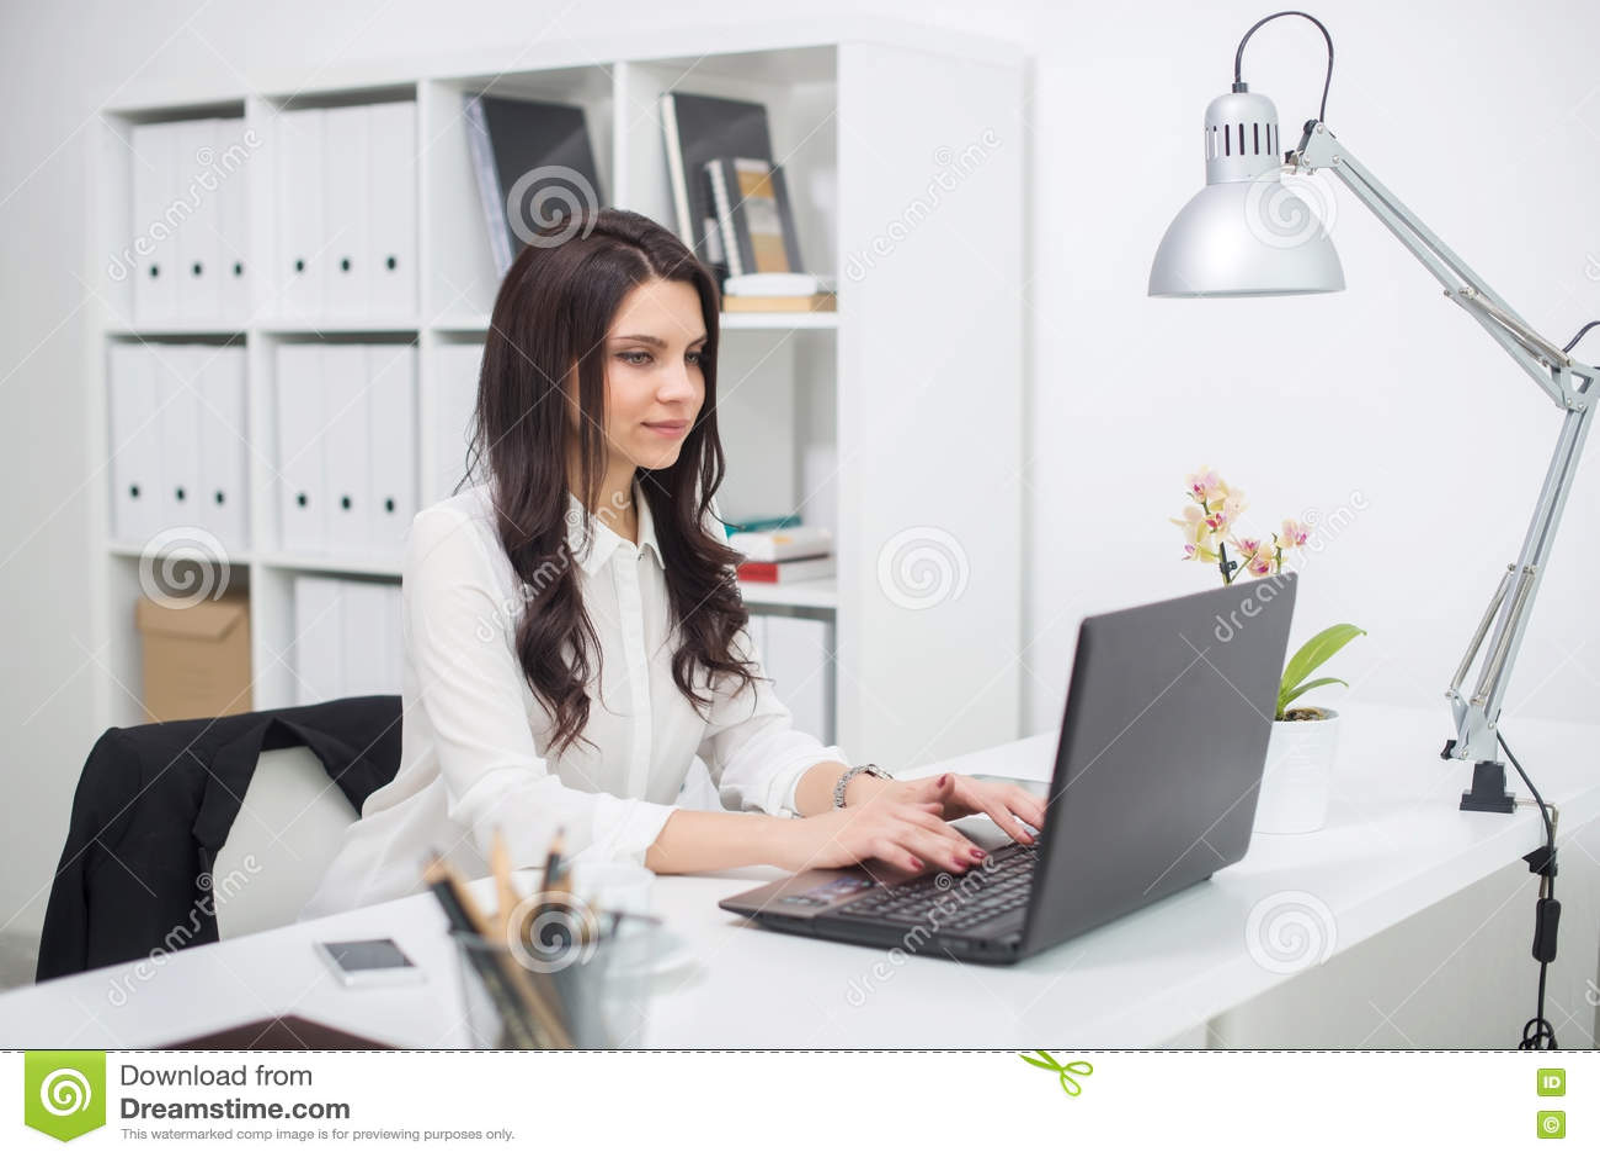 Download Бизнес-леди с тетрадью в офисе, рабочем месте Стоковое Изображение - изображение насчитывающей многодельно, работа: 72284773